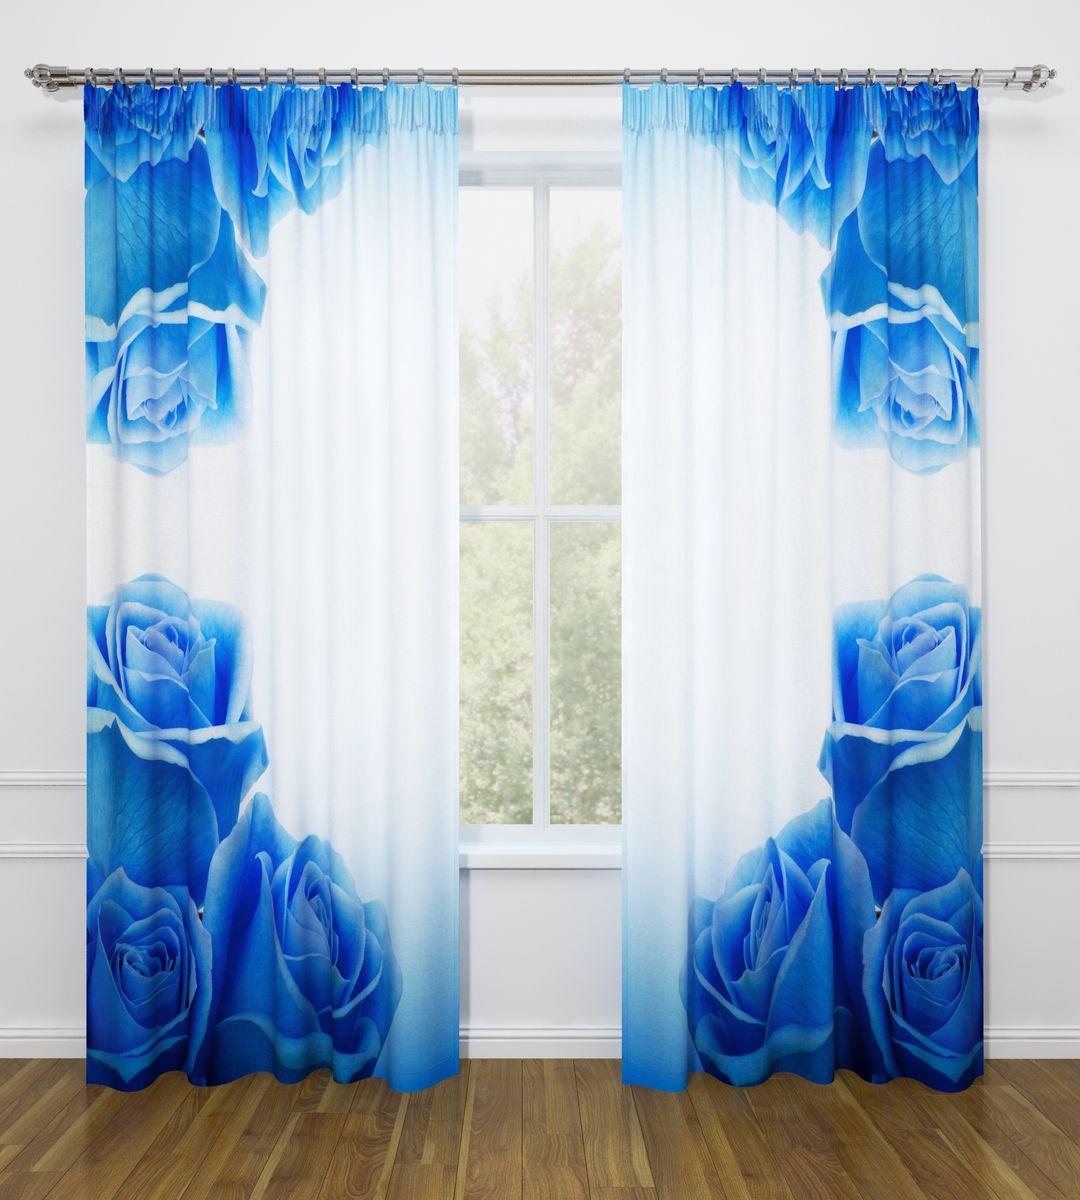 Комплект фотоштор Стильный дом Синие розы, на ленте, высота 260 смСД-07478-ФШ-ГБ-001Фотошторы Стильный дом из ткани Габардин (100% полиэстер) отлично дополнят дизайн любого интерьера. Габардин имеет небольшую плотность, ткань хорошо пропускает воздух и солнечный свет. Ткань хорошо держит форму, не требует специального ухода. Качественное изображение перенесенное на наши шторы будет радовать каждый день. При изготовлении фотоштор используются современные материалы и гипоаллергенные краски.Крепление на карниз при помощи шторной ленты на крючки. Удобство монтажа - регулируемая высота без подшива с помощью клеевой ленты. В комплекте: 2 портьера: 145 х 260 см. Клеевая паутинка: 1шт. Инструкция для регулировки высоты штор.Рекомендации по уходу: стирка при 30 градусах, гладить при температуре до 110 градусов. Изображение на мониторе может немного отличаться от реального.